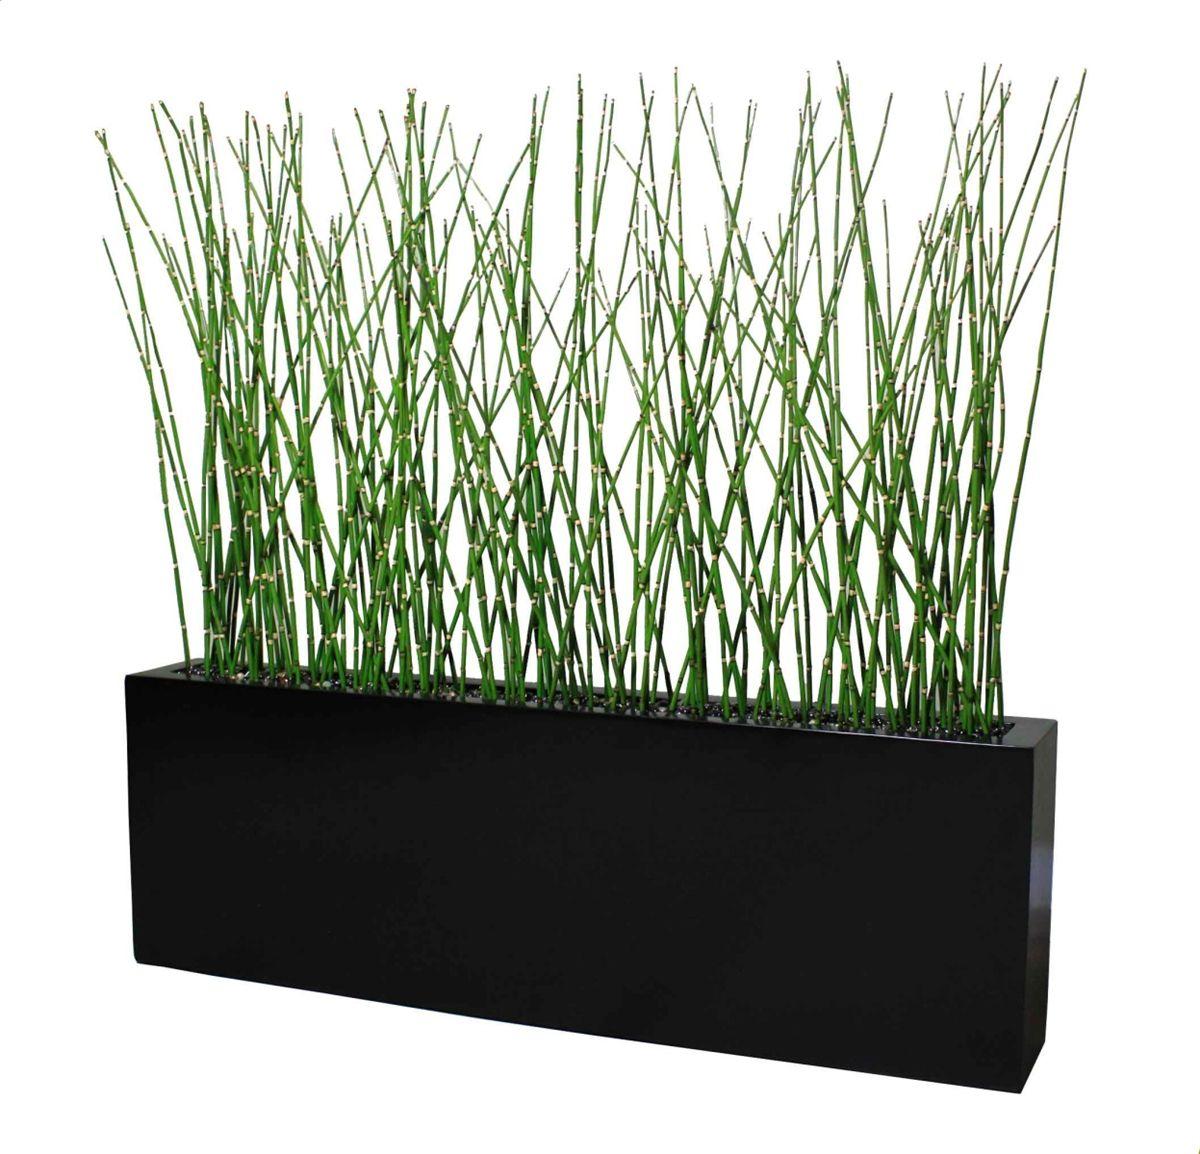 Camoux Narrow Contemporary Planter Box